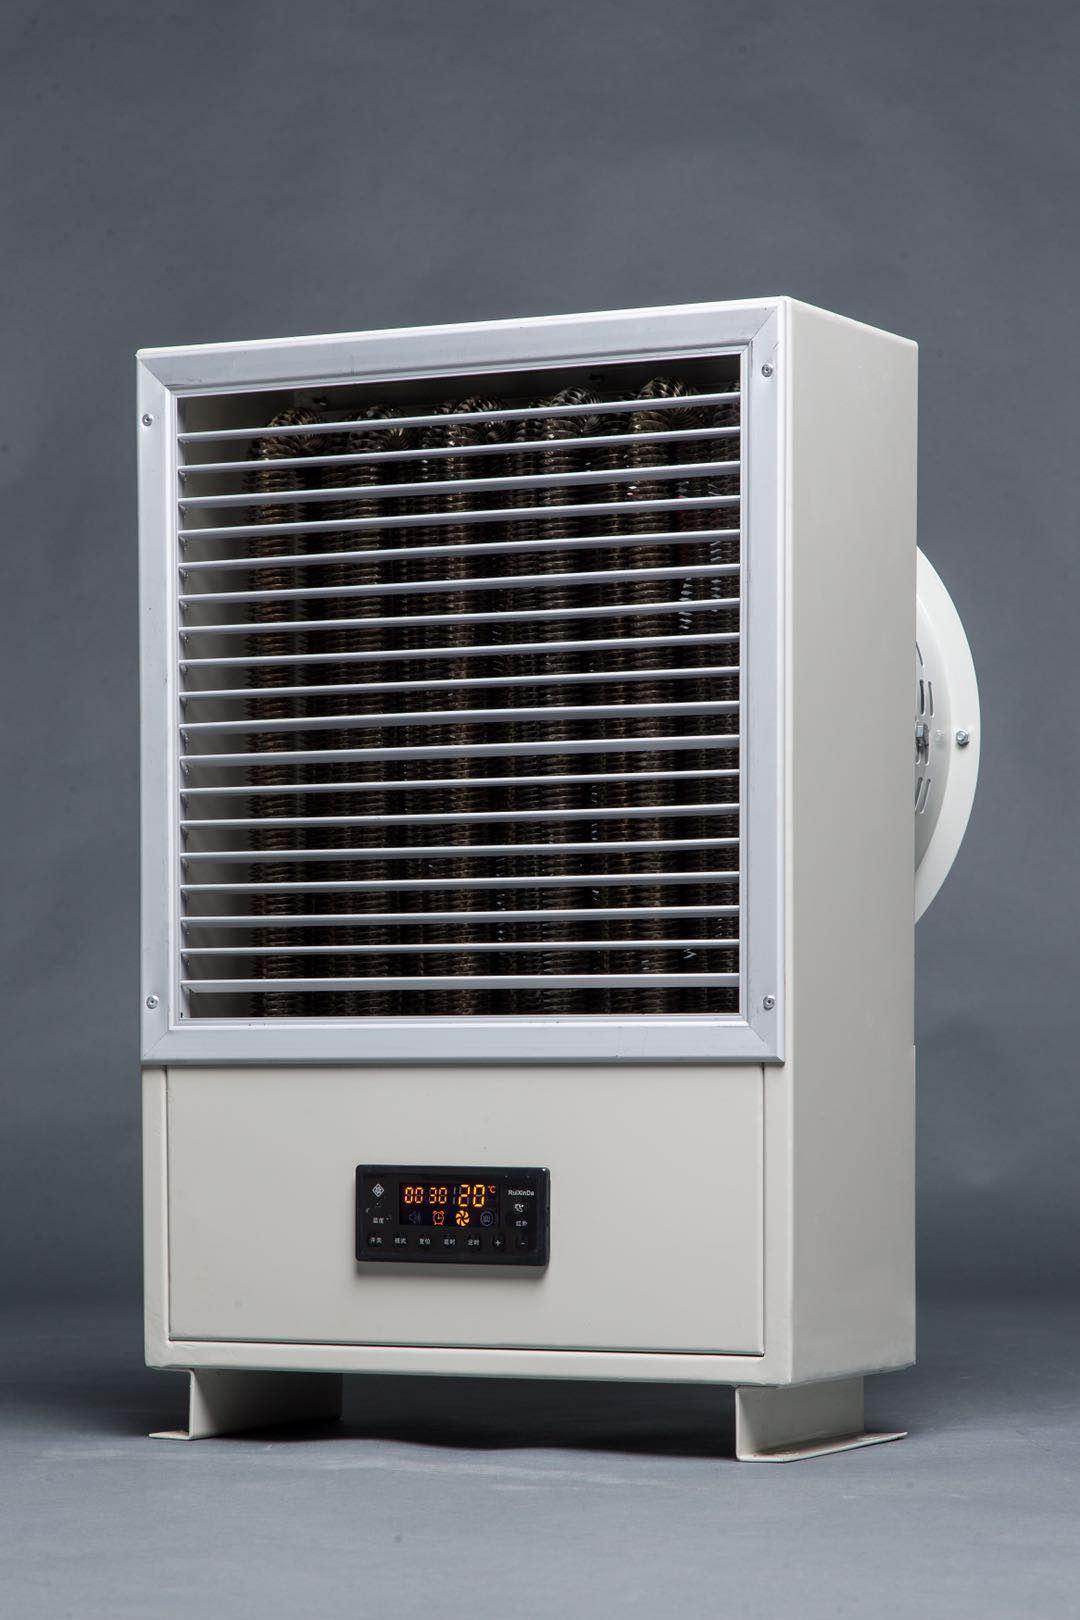 厂房取暖用暖风机烘干用高温暖风机车间暖风机大棚暖风机